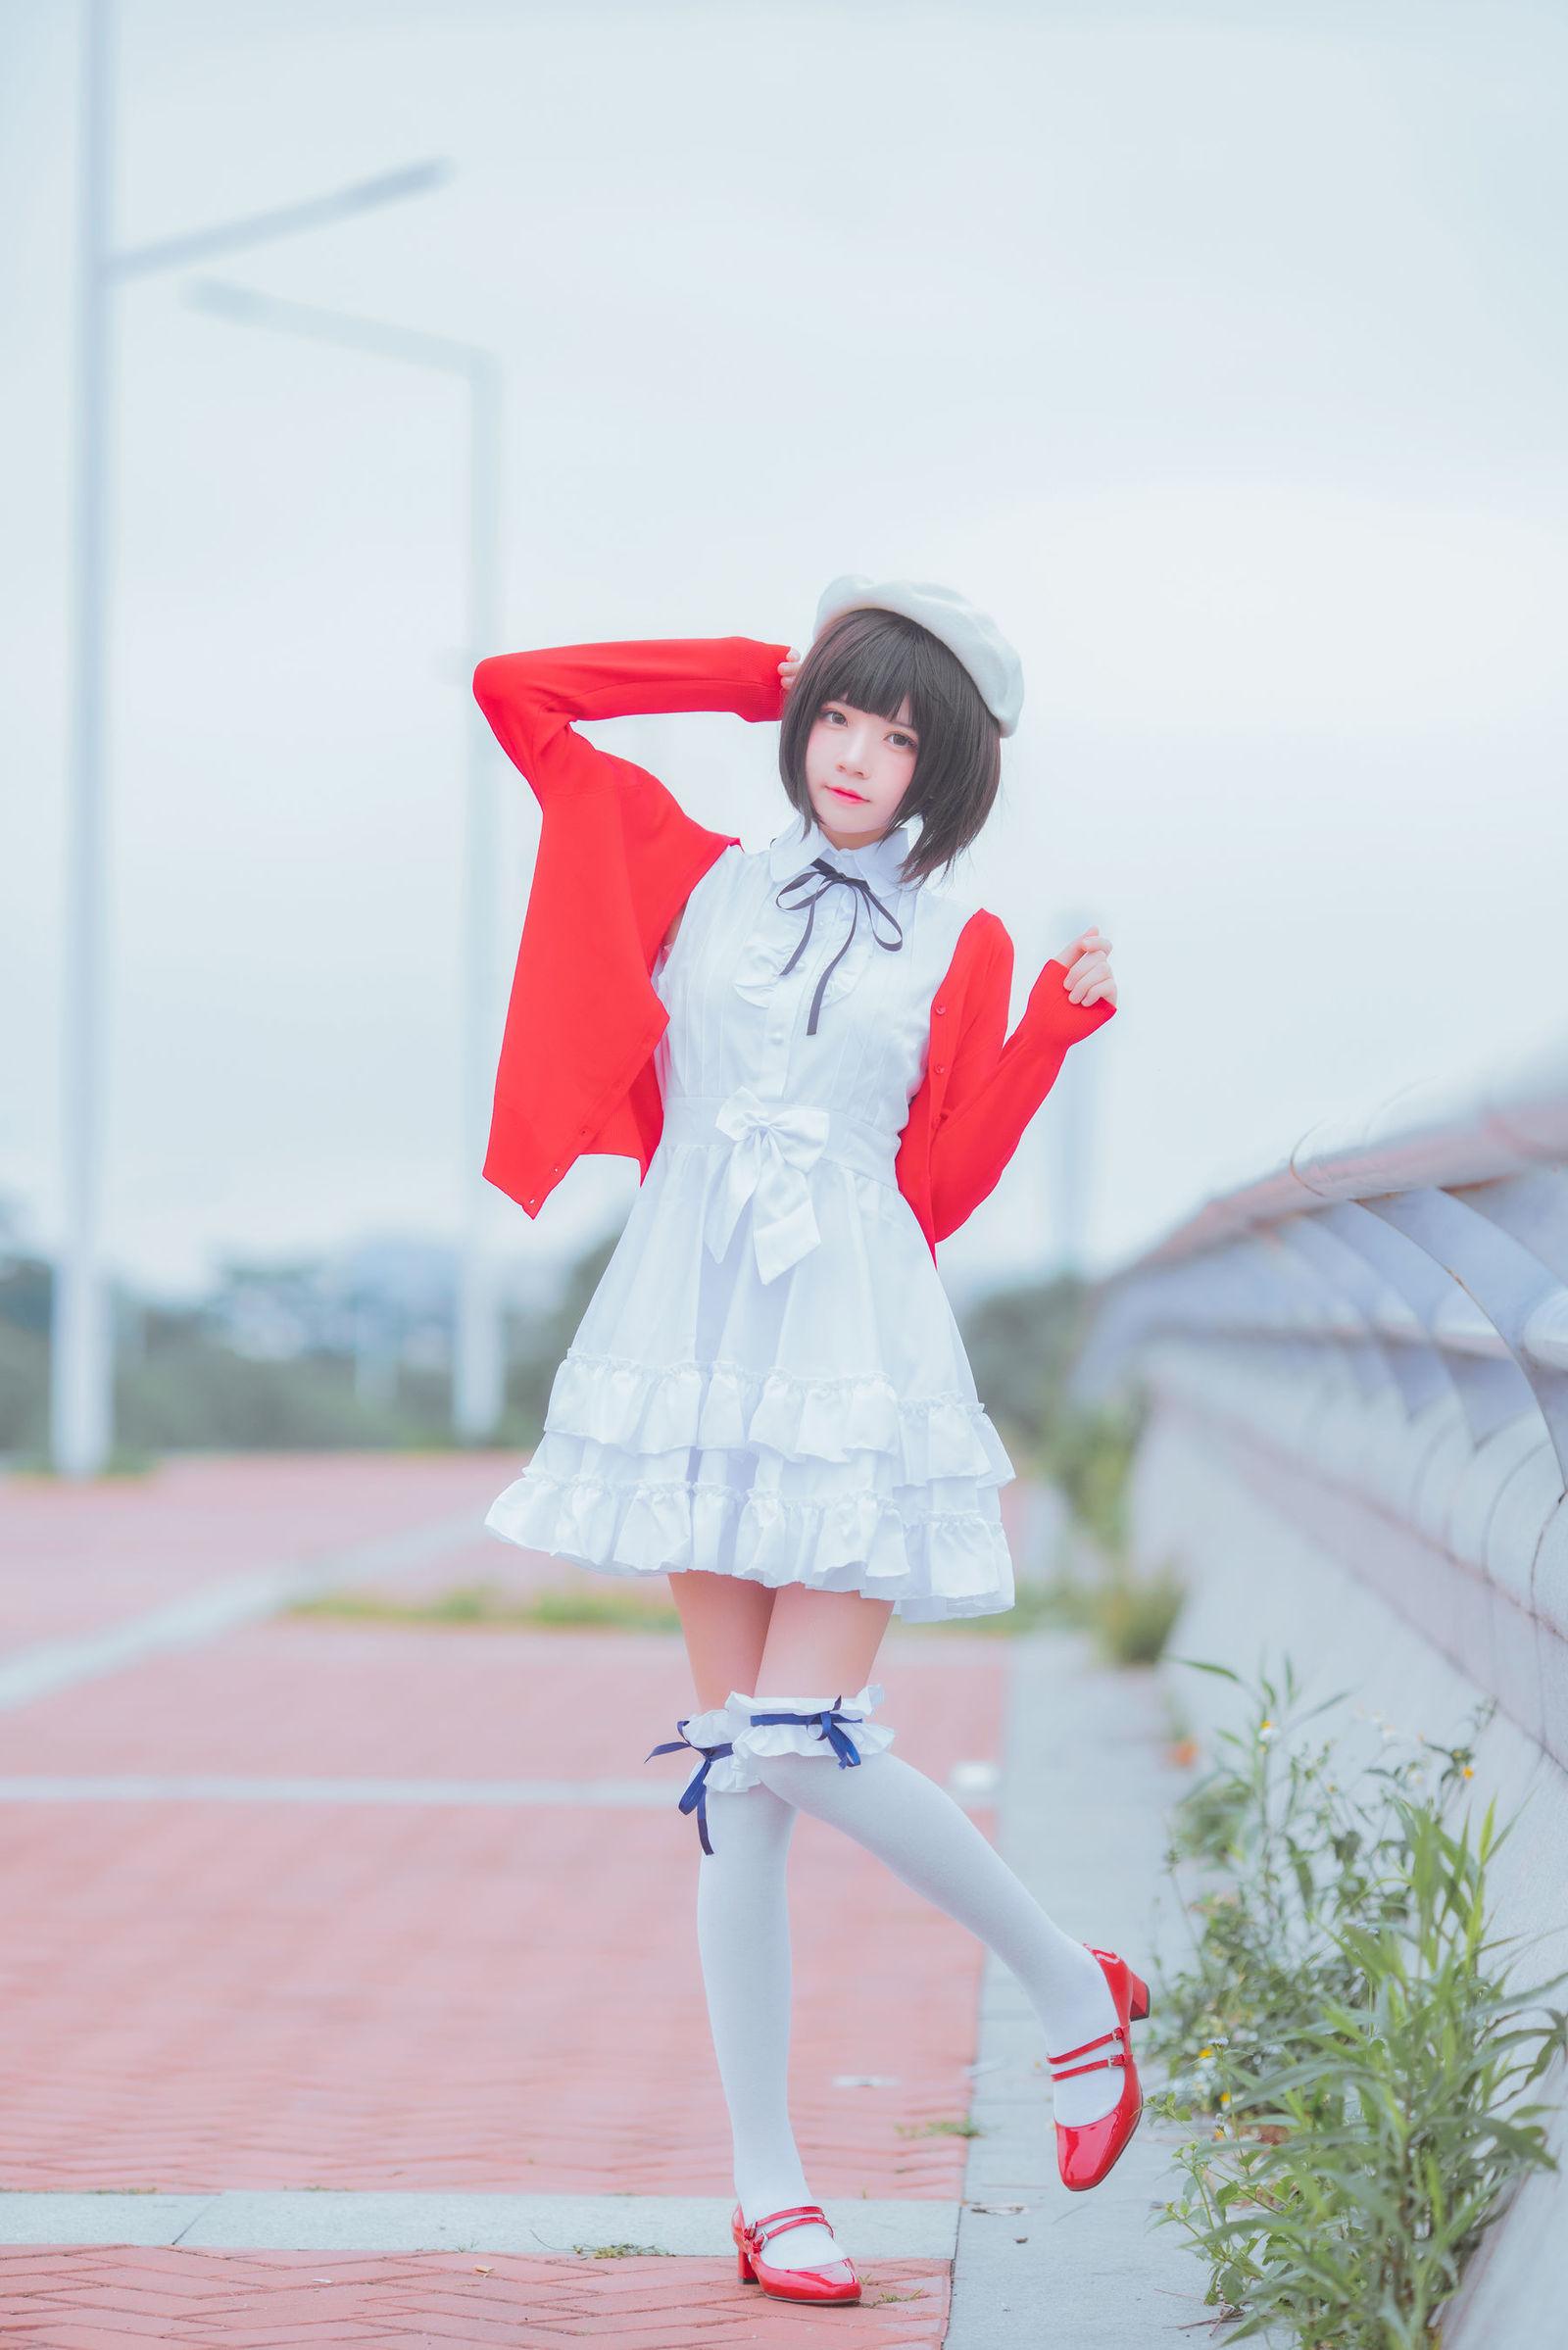 加藤惠 桜桃喵 COSPLAY04